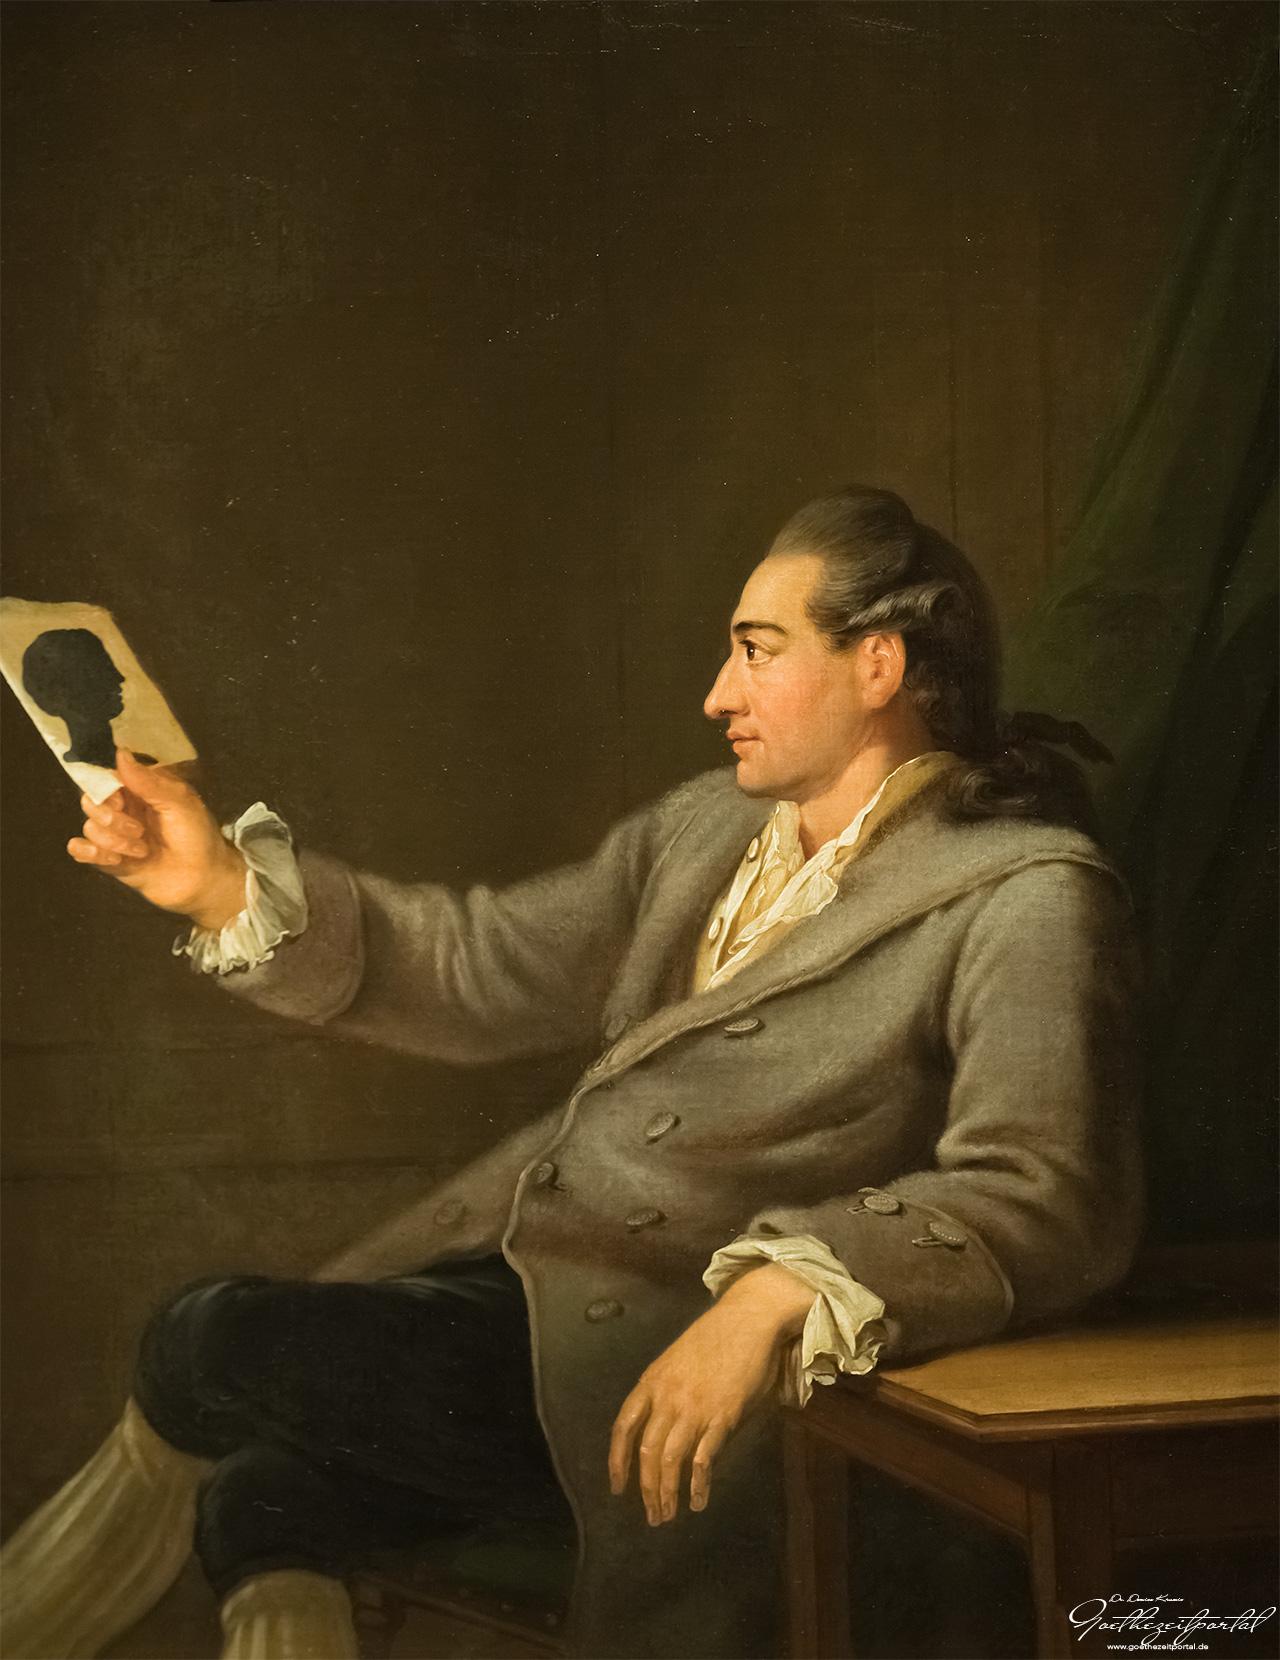 Goethes Biographie: sein Leben und seine Werke